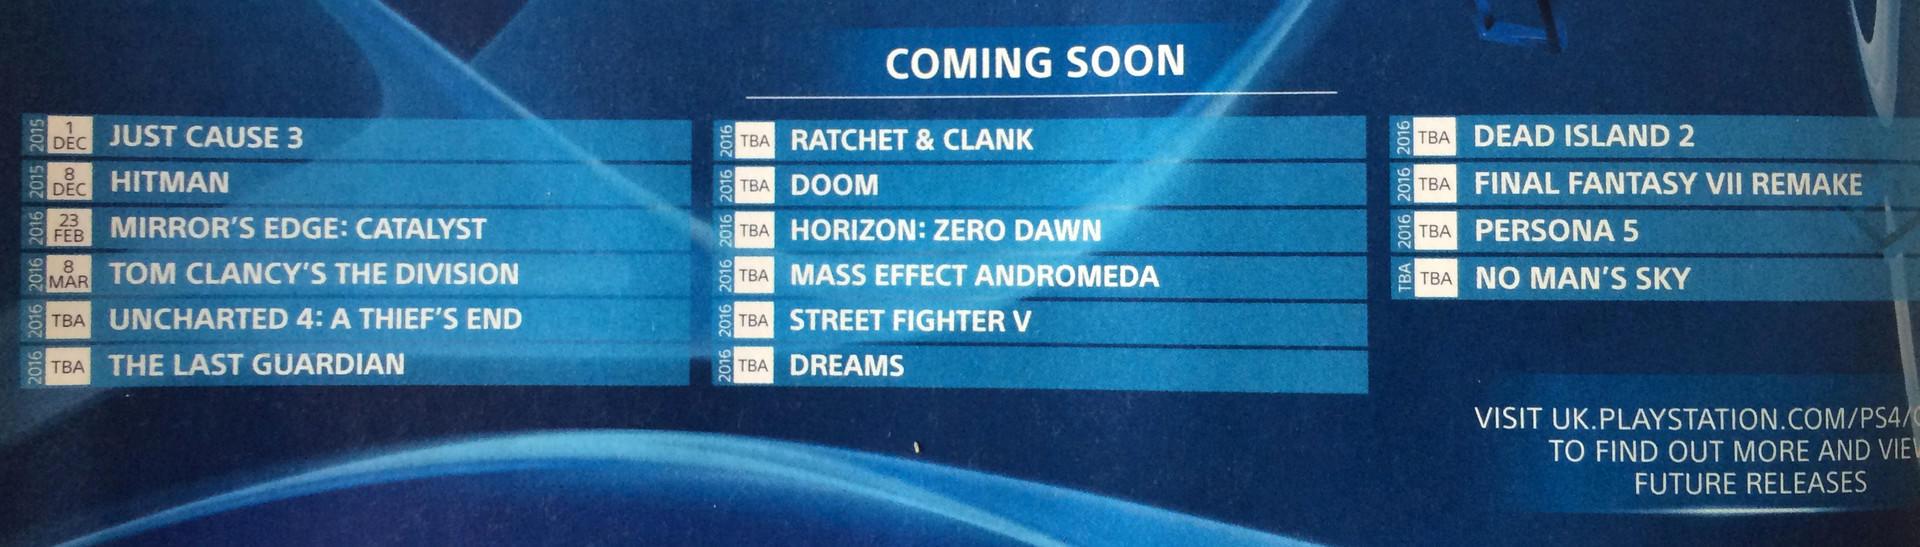 UAU! Final Fantasy VII Remake e outros títulos de peso devem chegar em 2016